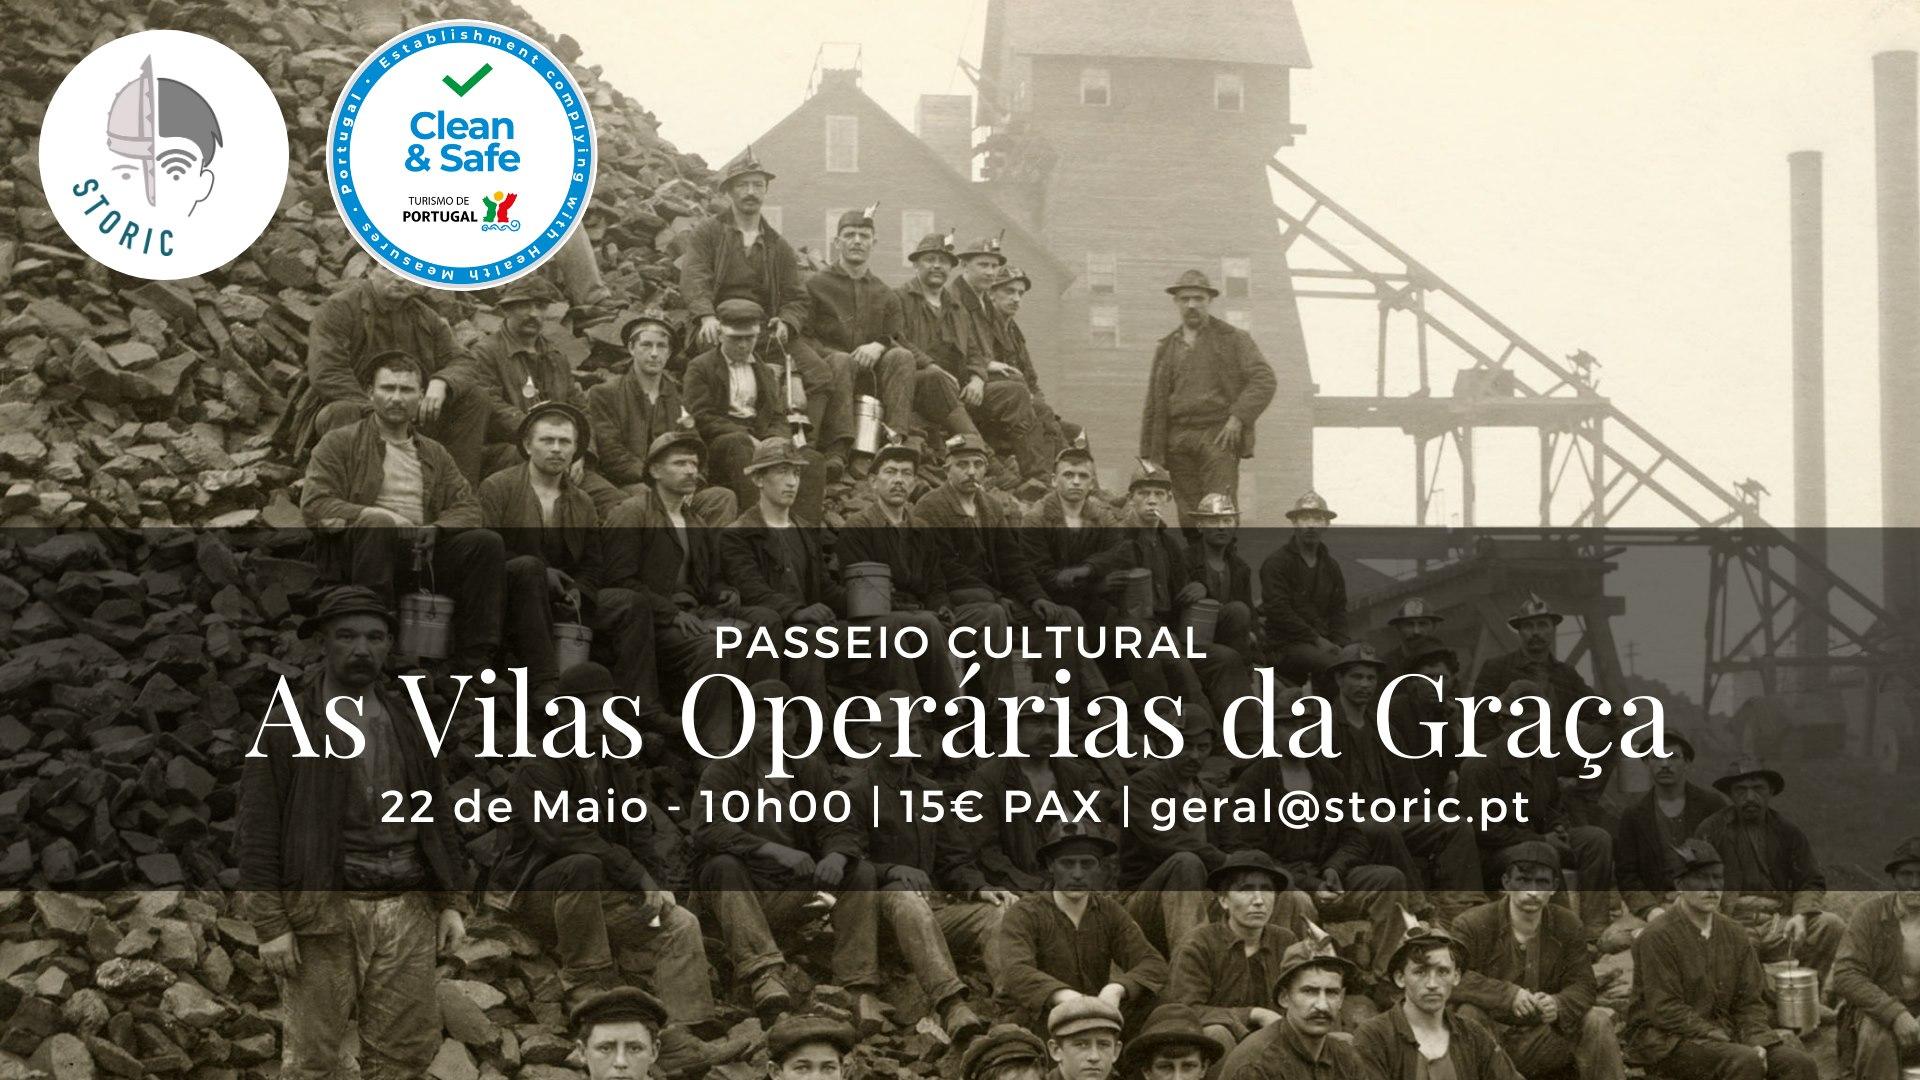 As Vilas Operárias da Graça - Passeio Cultural